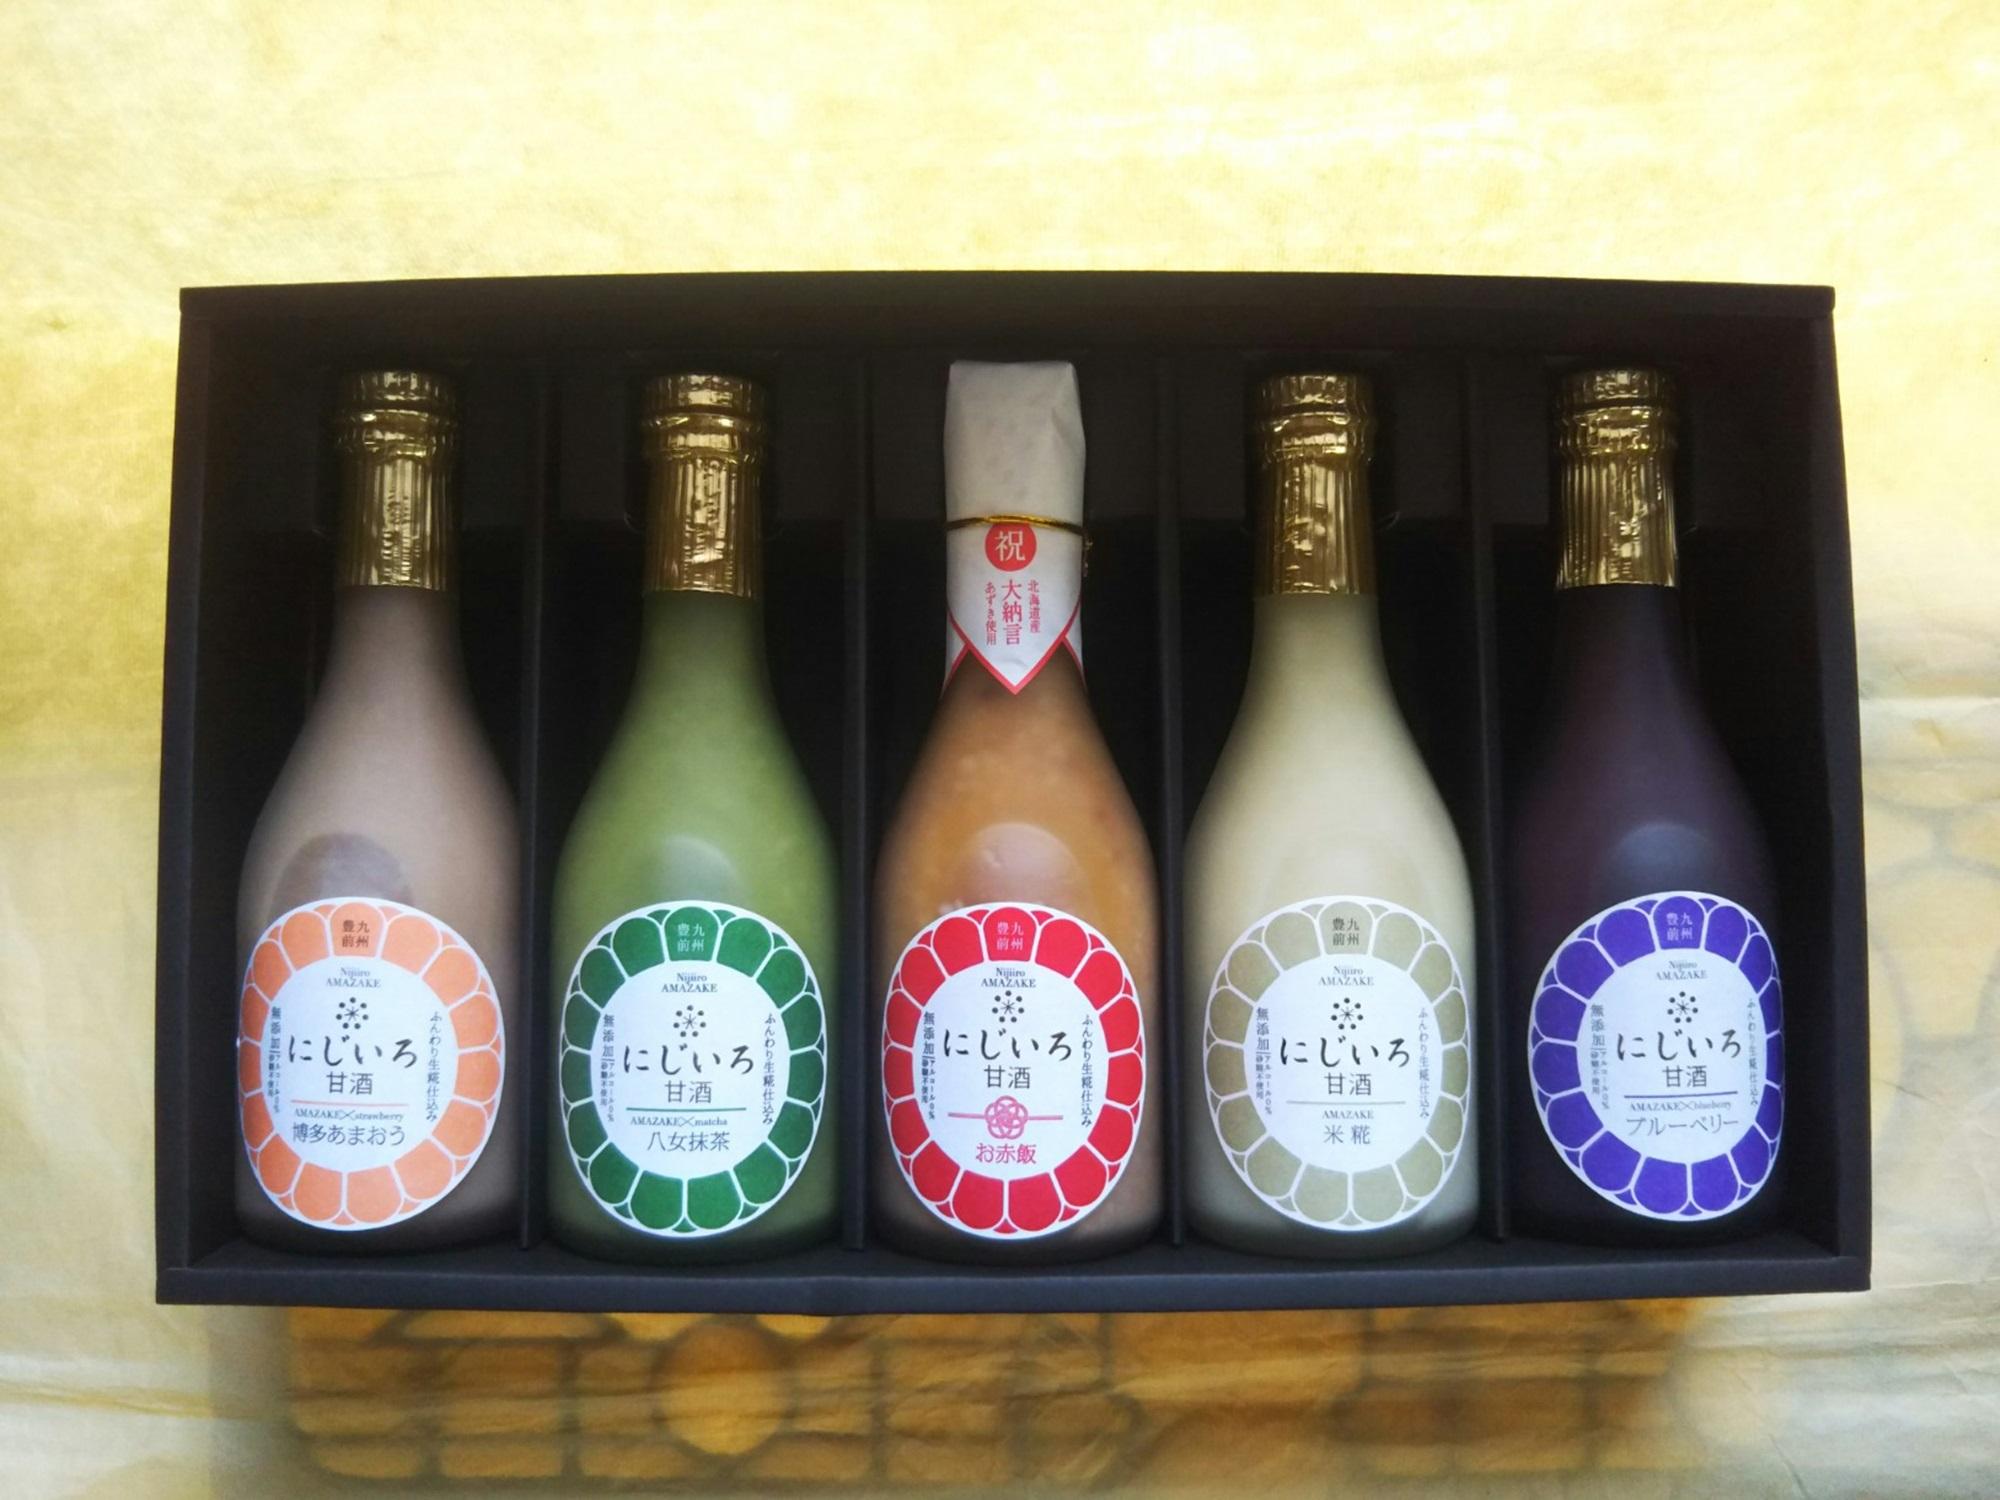 にじいろ甘酒お祝5色ギフトセット(博多あまおう・ブルーベリー・お赤飯・米糀・八女抹茶)